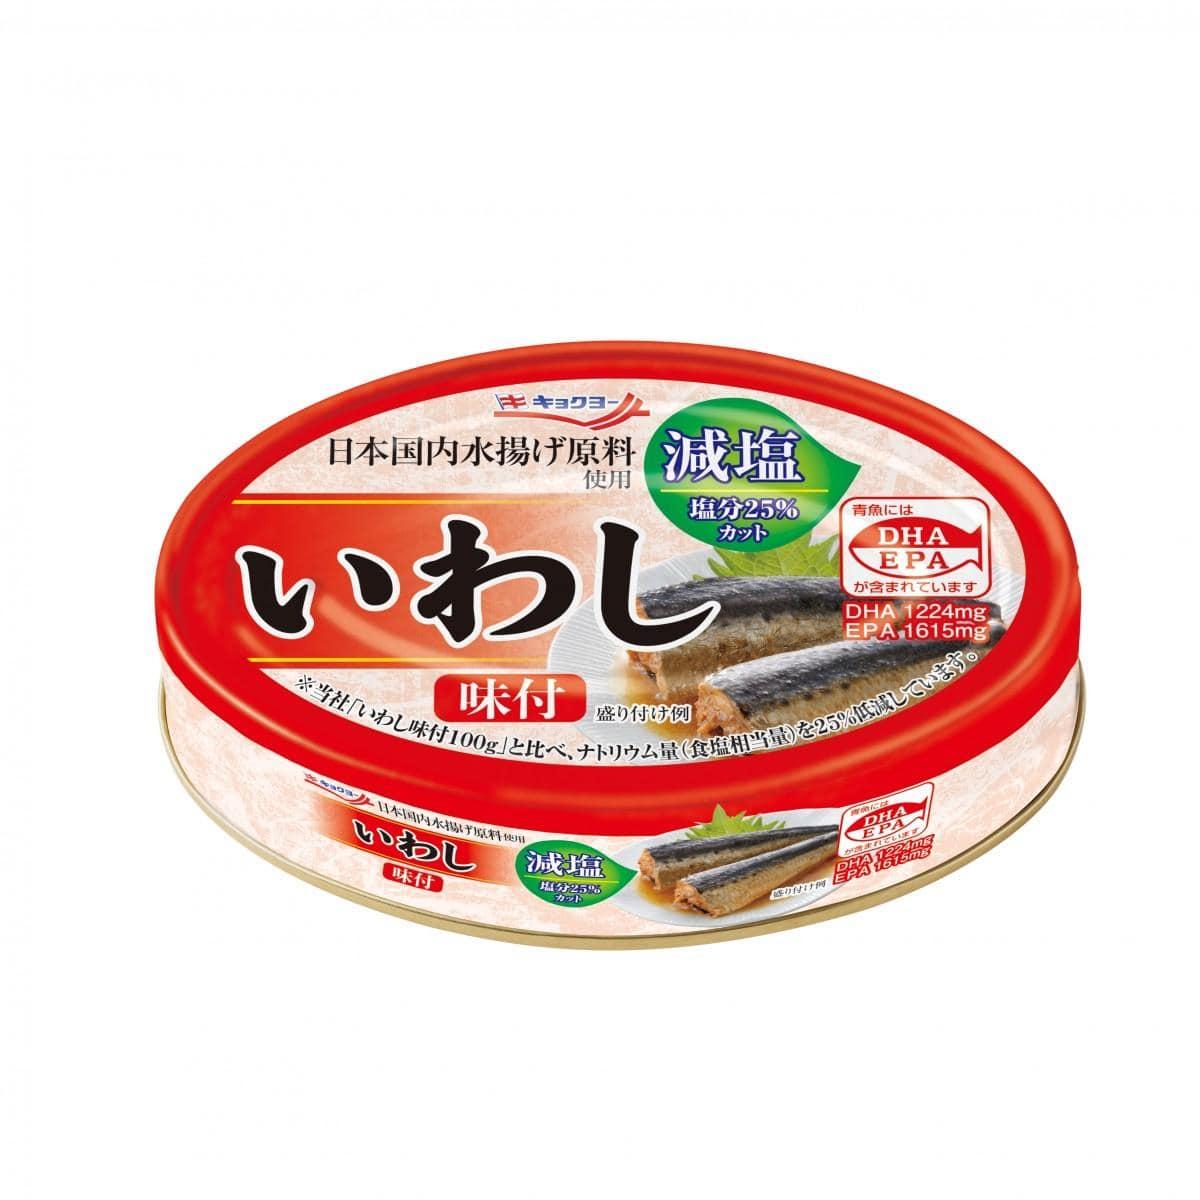 塩分25%カット 極洋が健康志向のイワシ缶発売